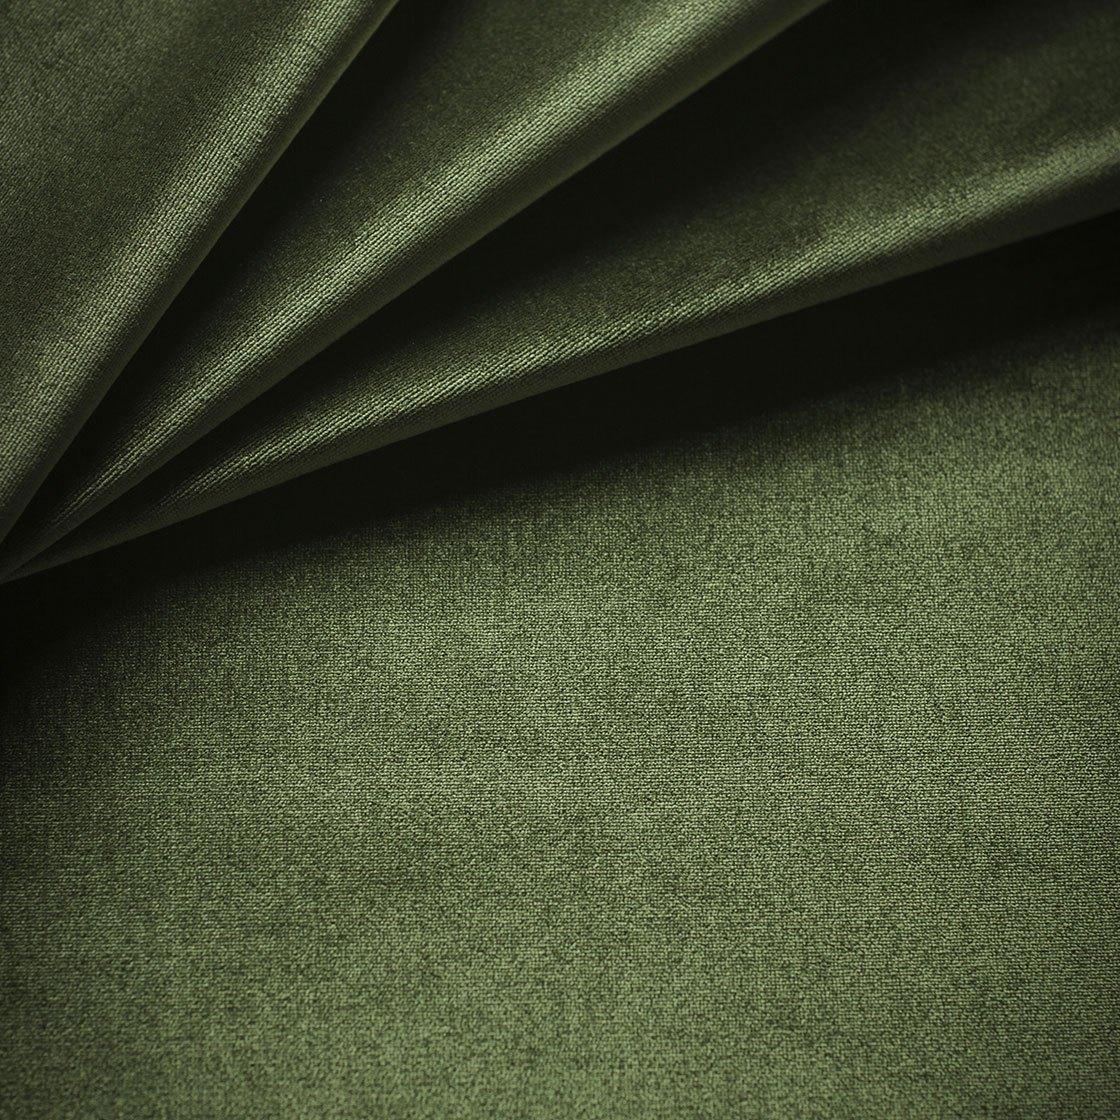 Capri Silk Velvet - Georgian Green - Beaumont & Fletcher - Beaumont & Fletcher